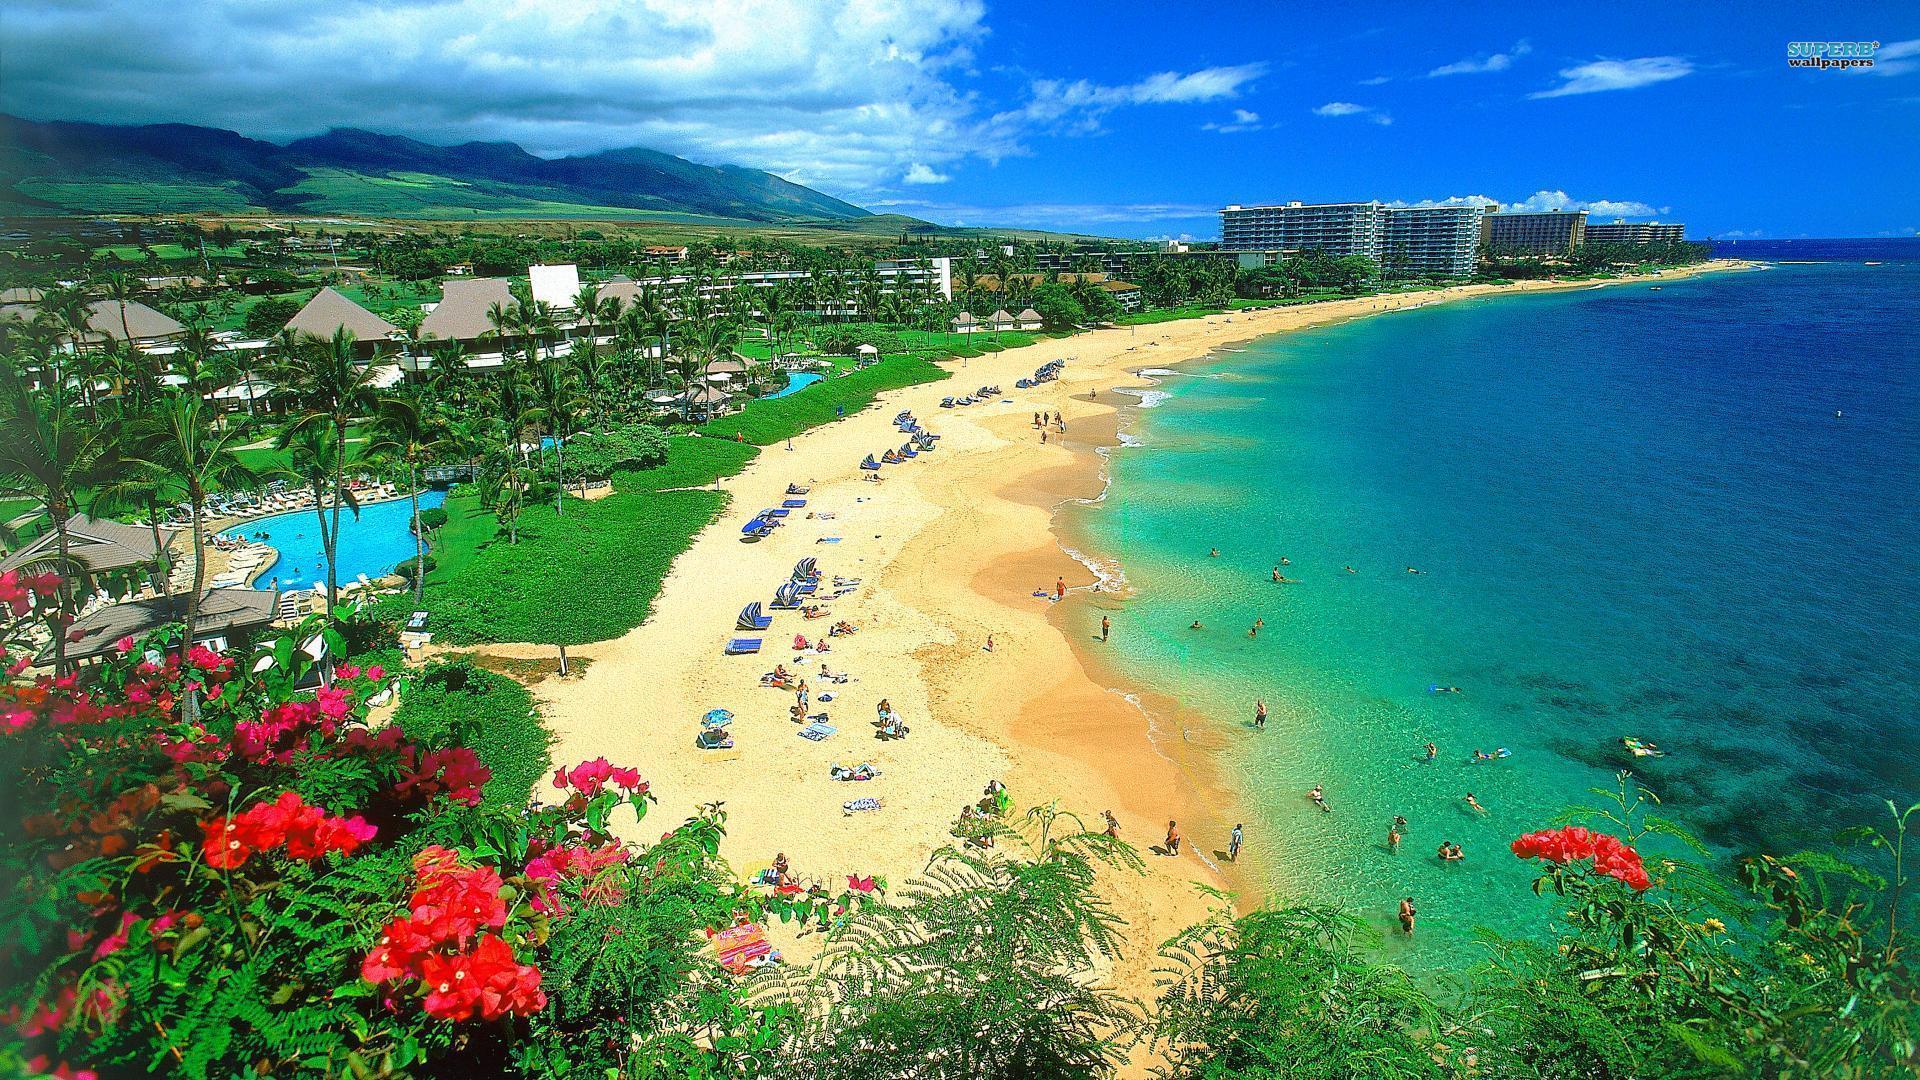 Hawaii Wallpaper #11